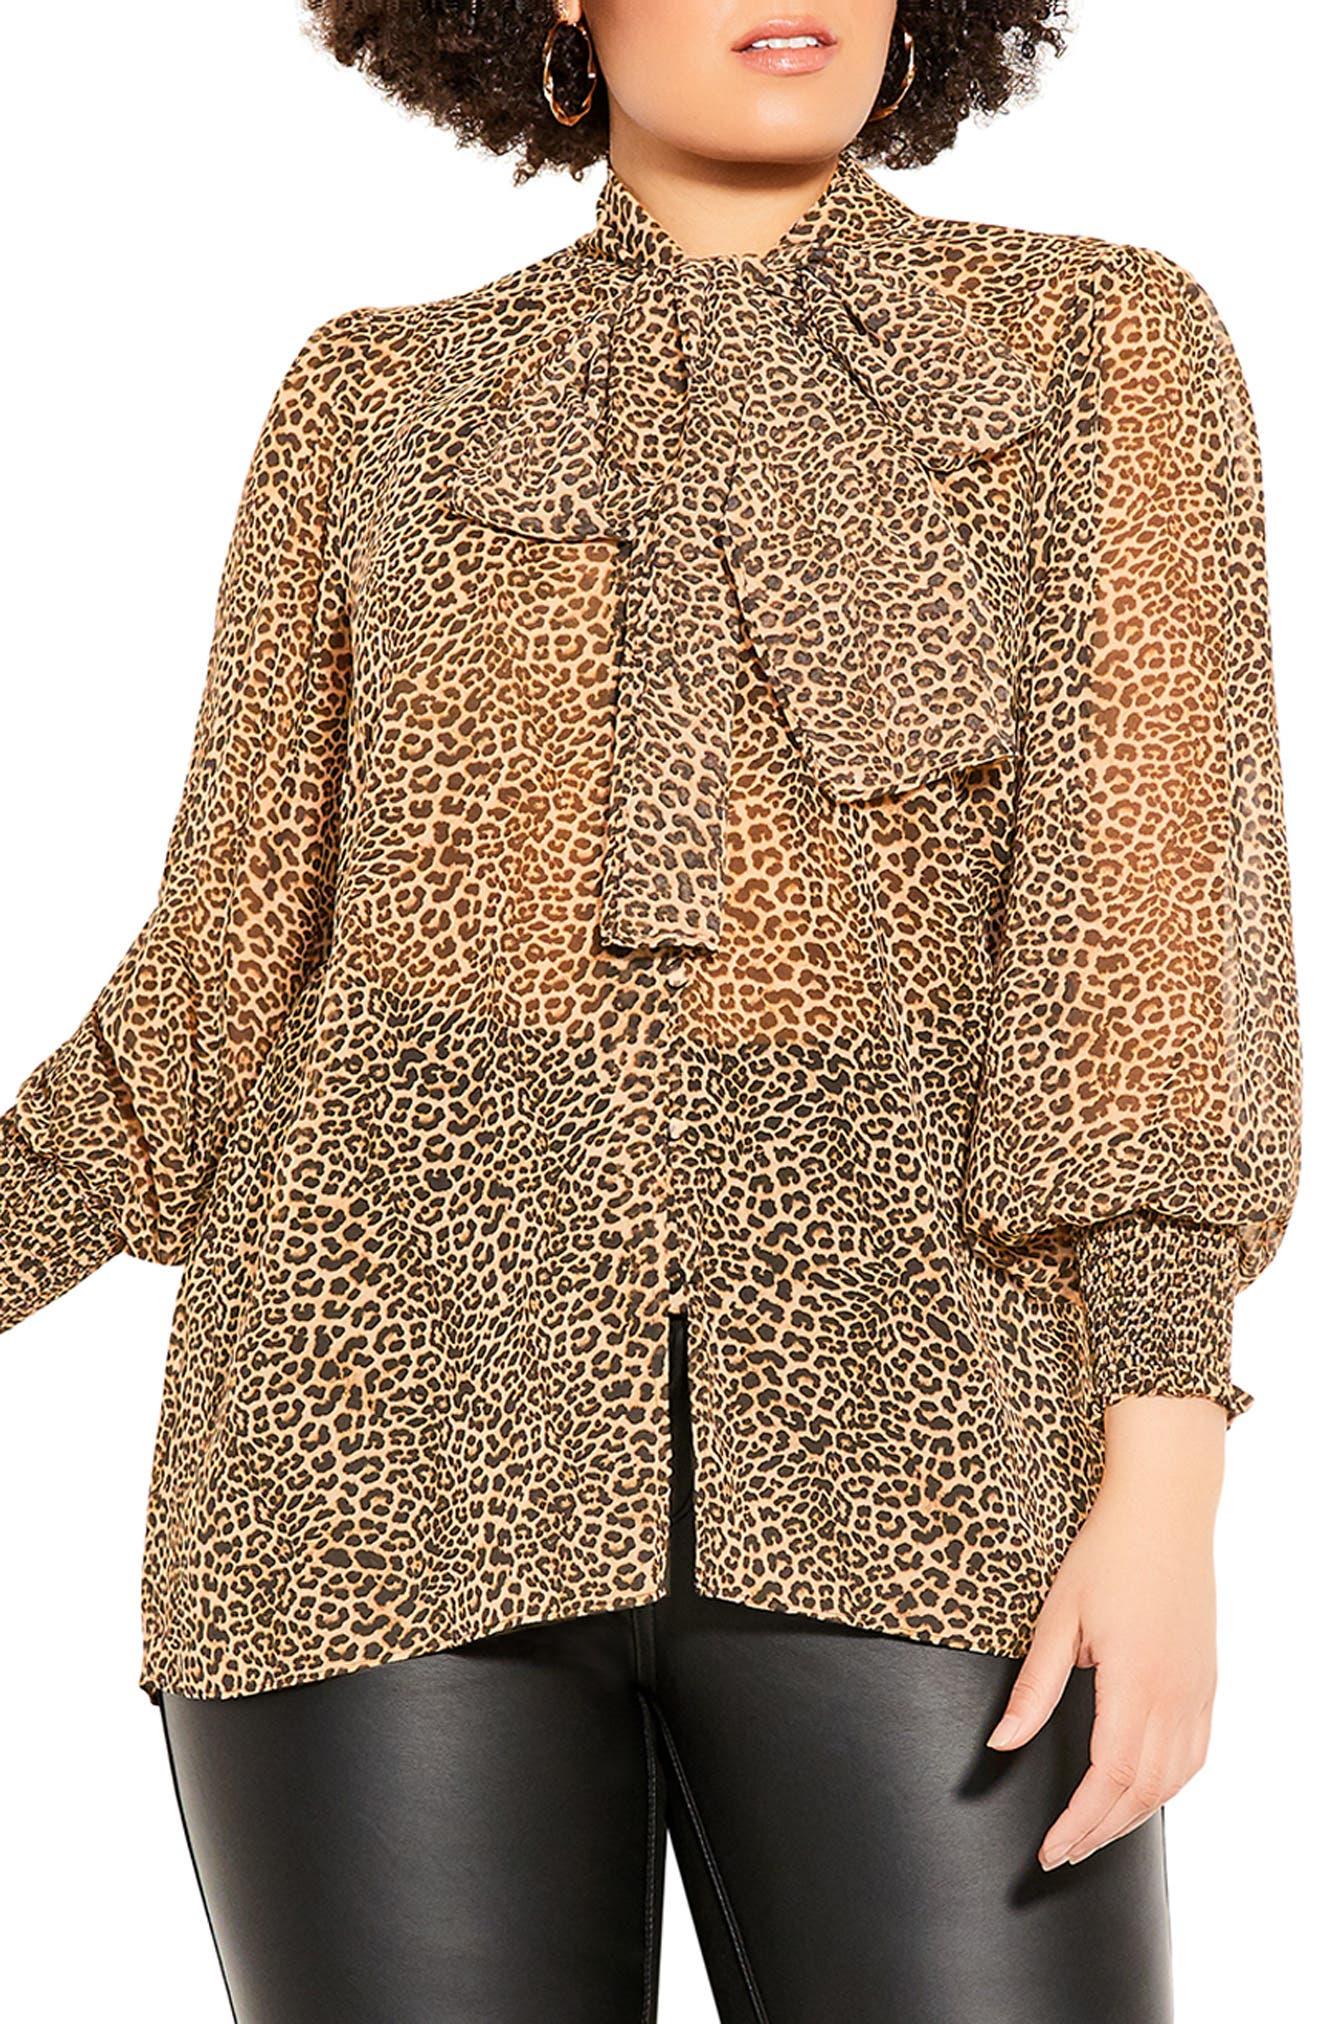 Luxe Leopard Tie Neck Top